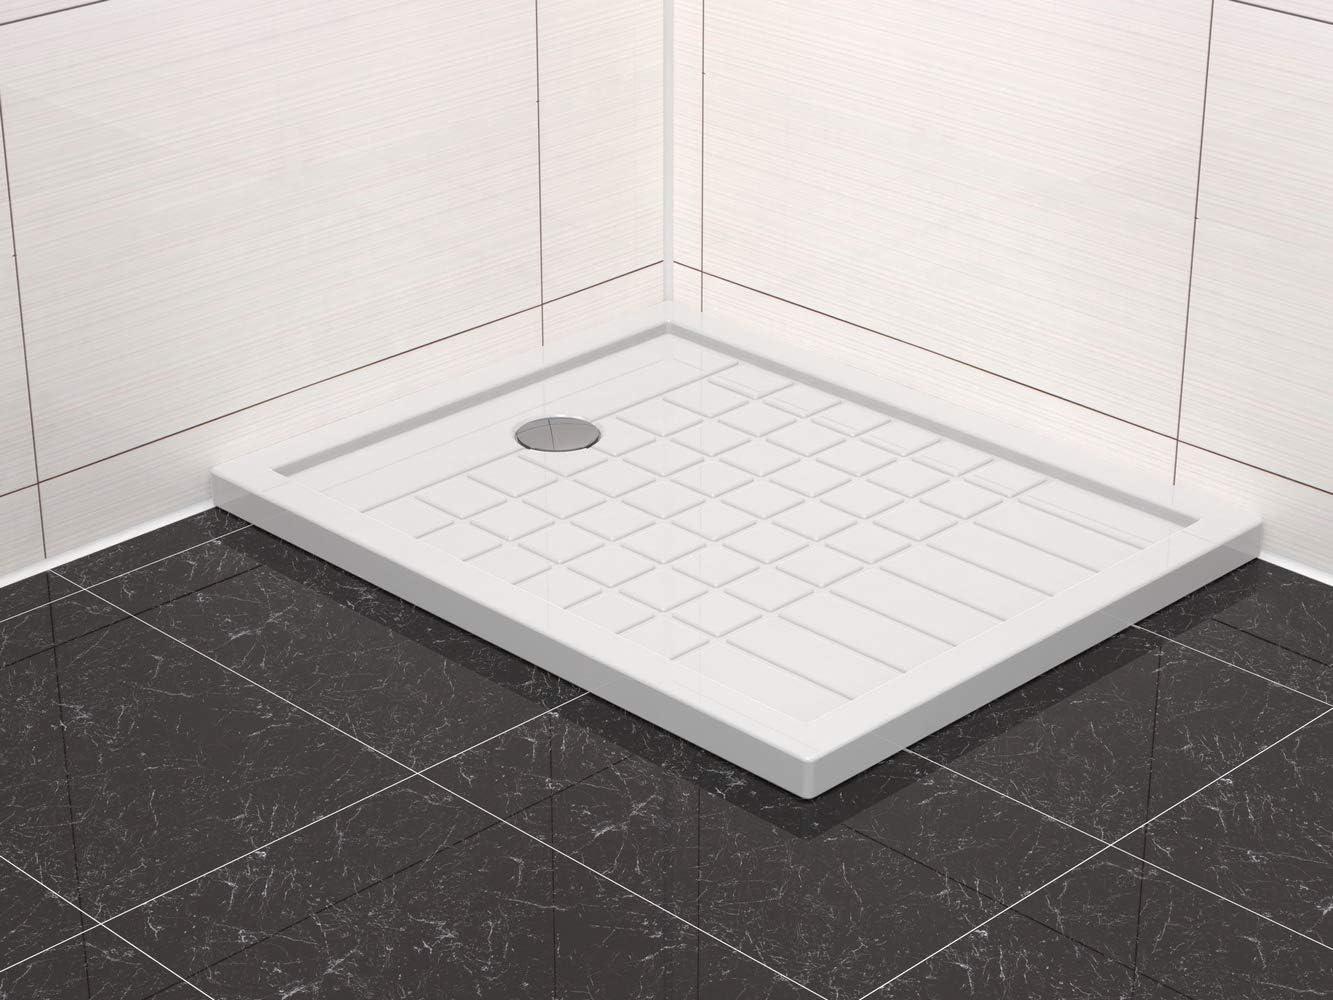 Plato de ducha (acrílico, 100 x 80 cm, incluye desagüe): Amazon.es: Bricolaje y herramientas